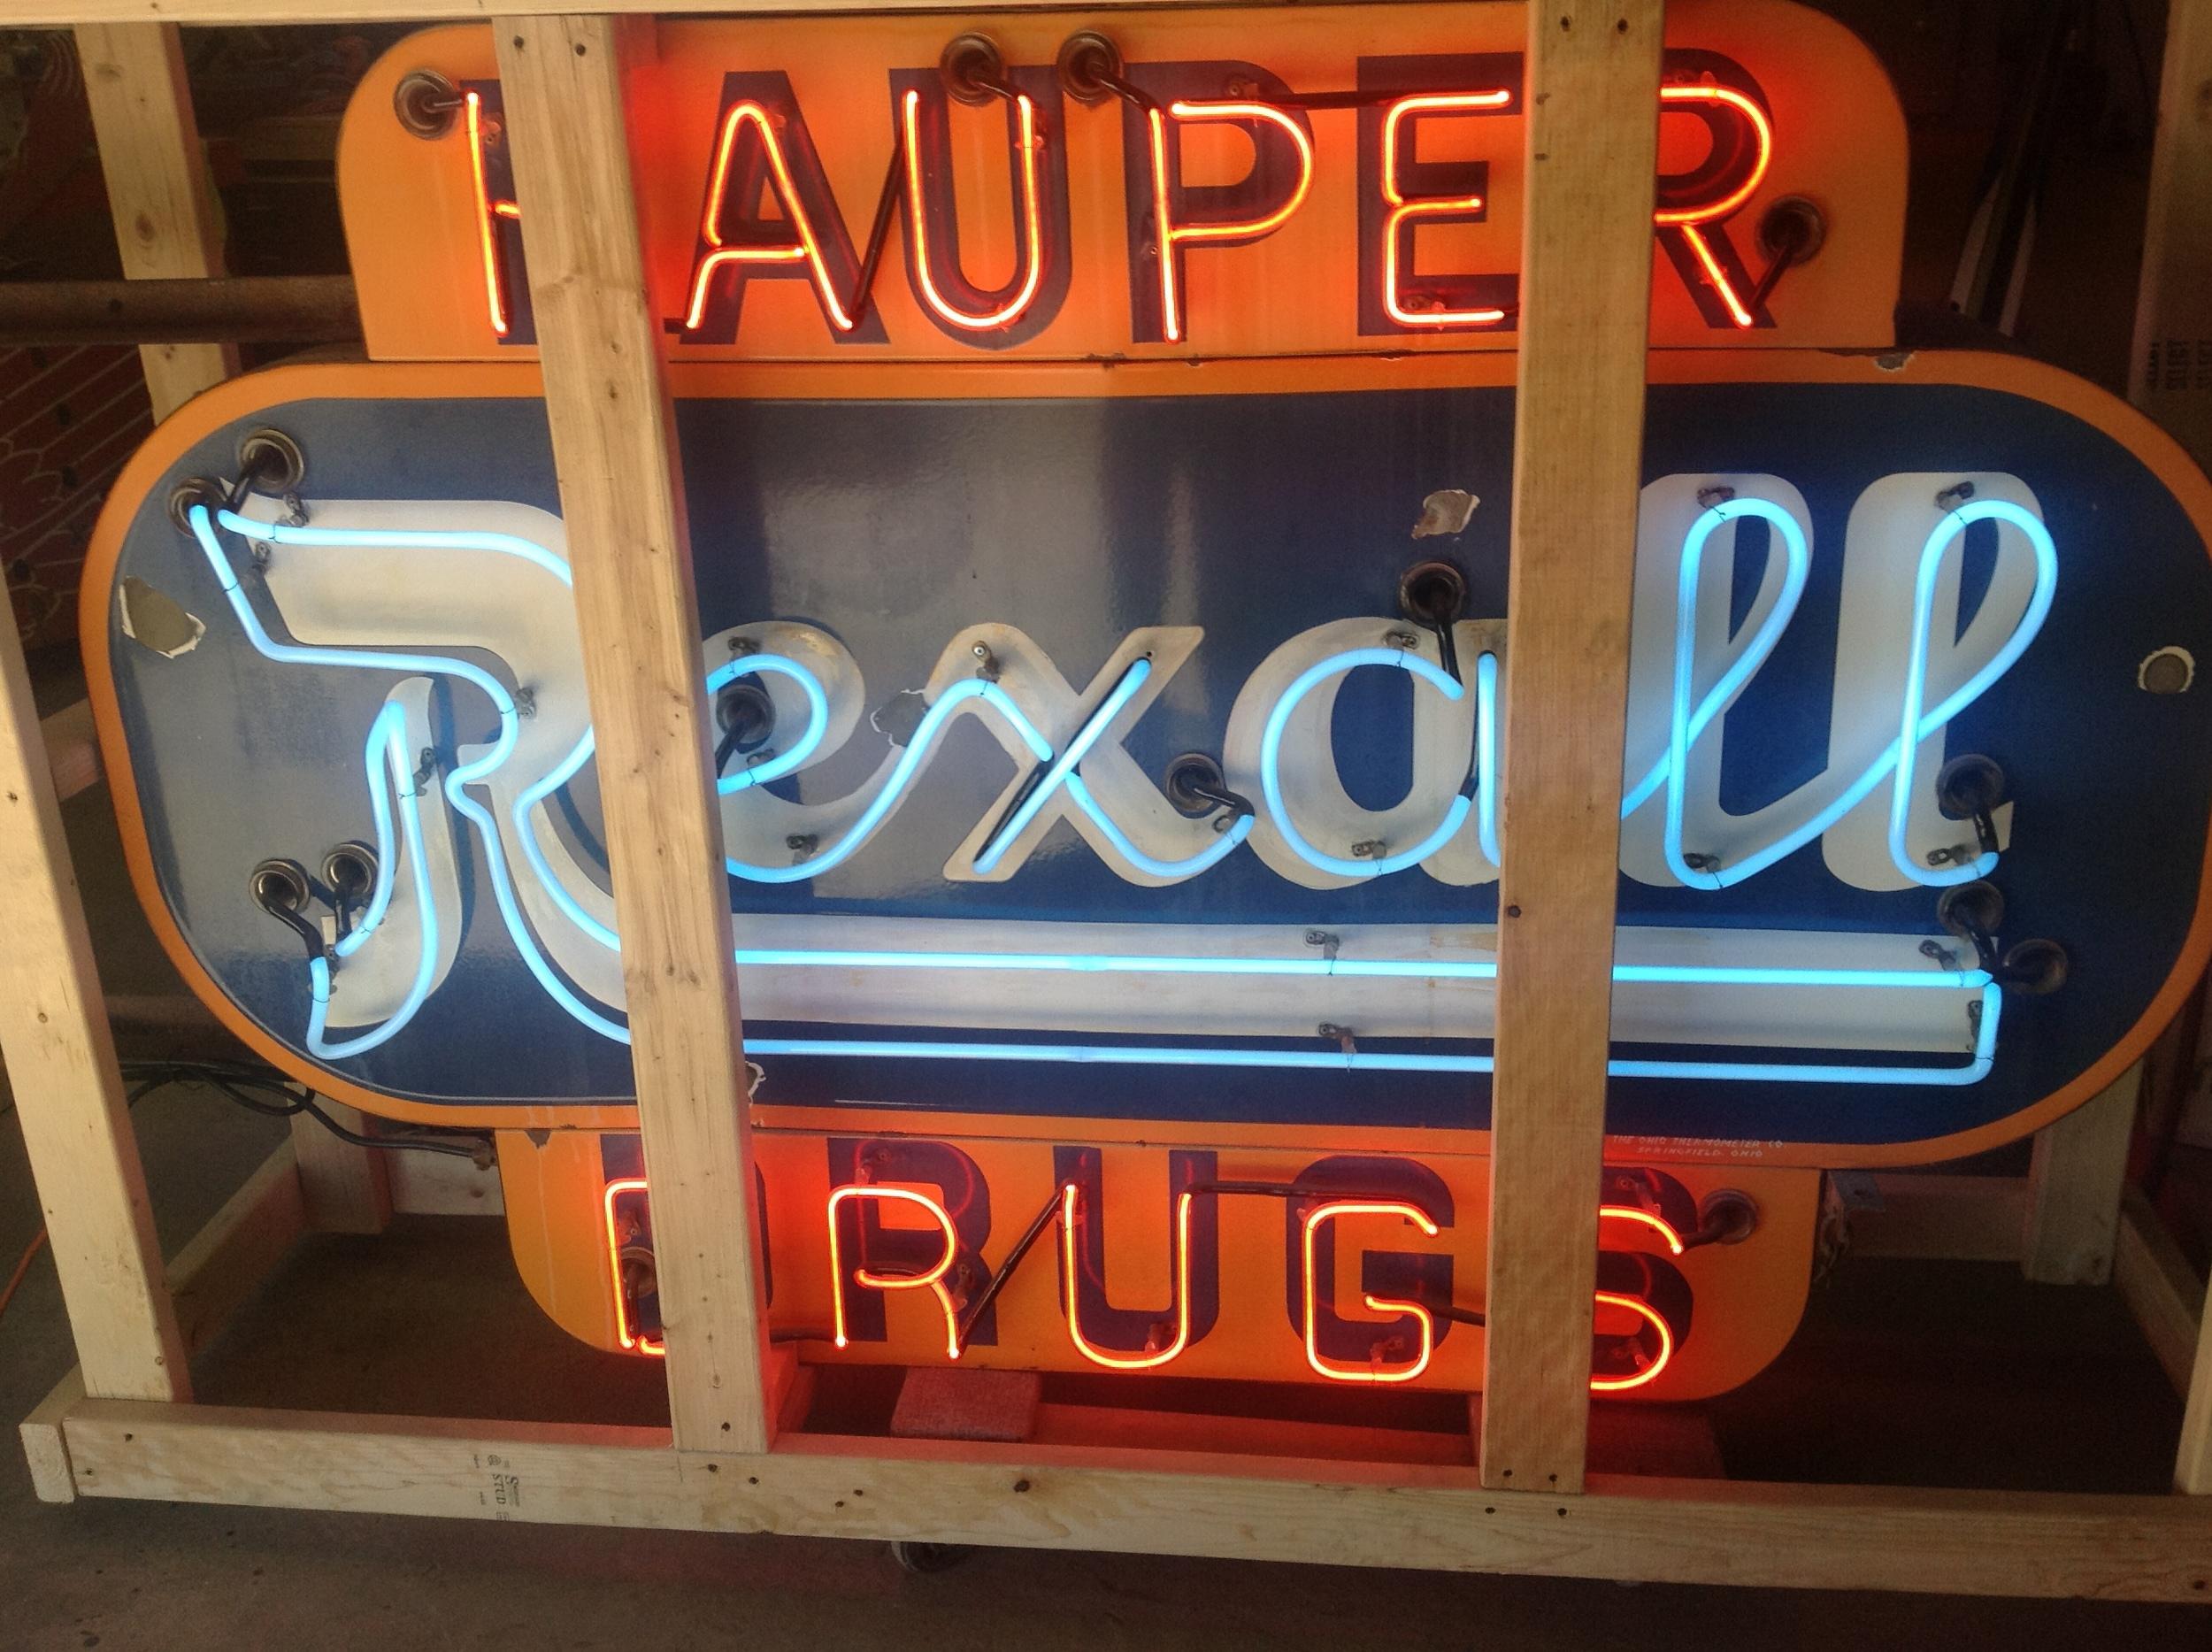 Rexall Hauper Drugs - Neon & Porcelain